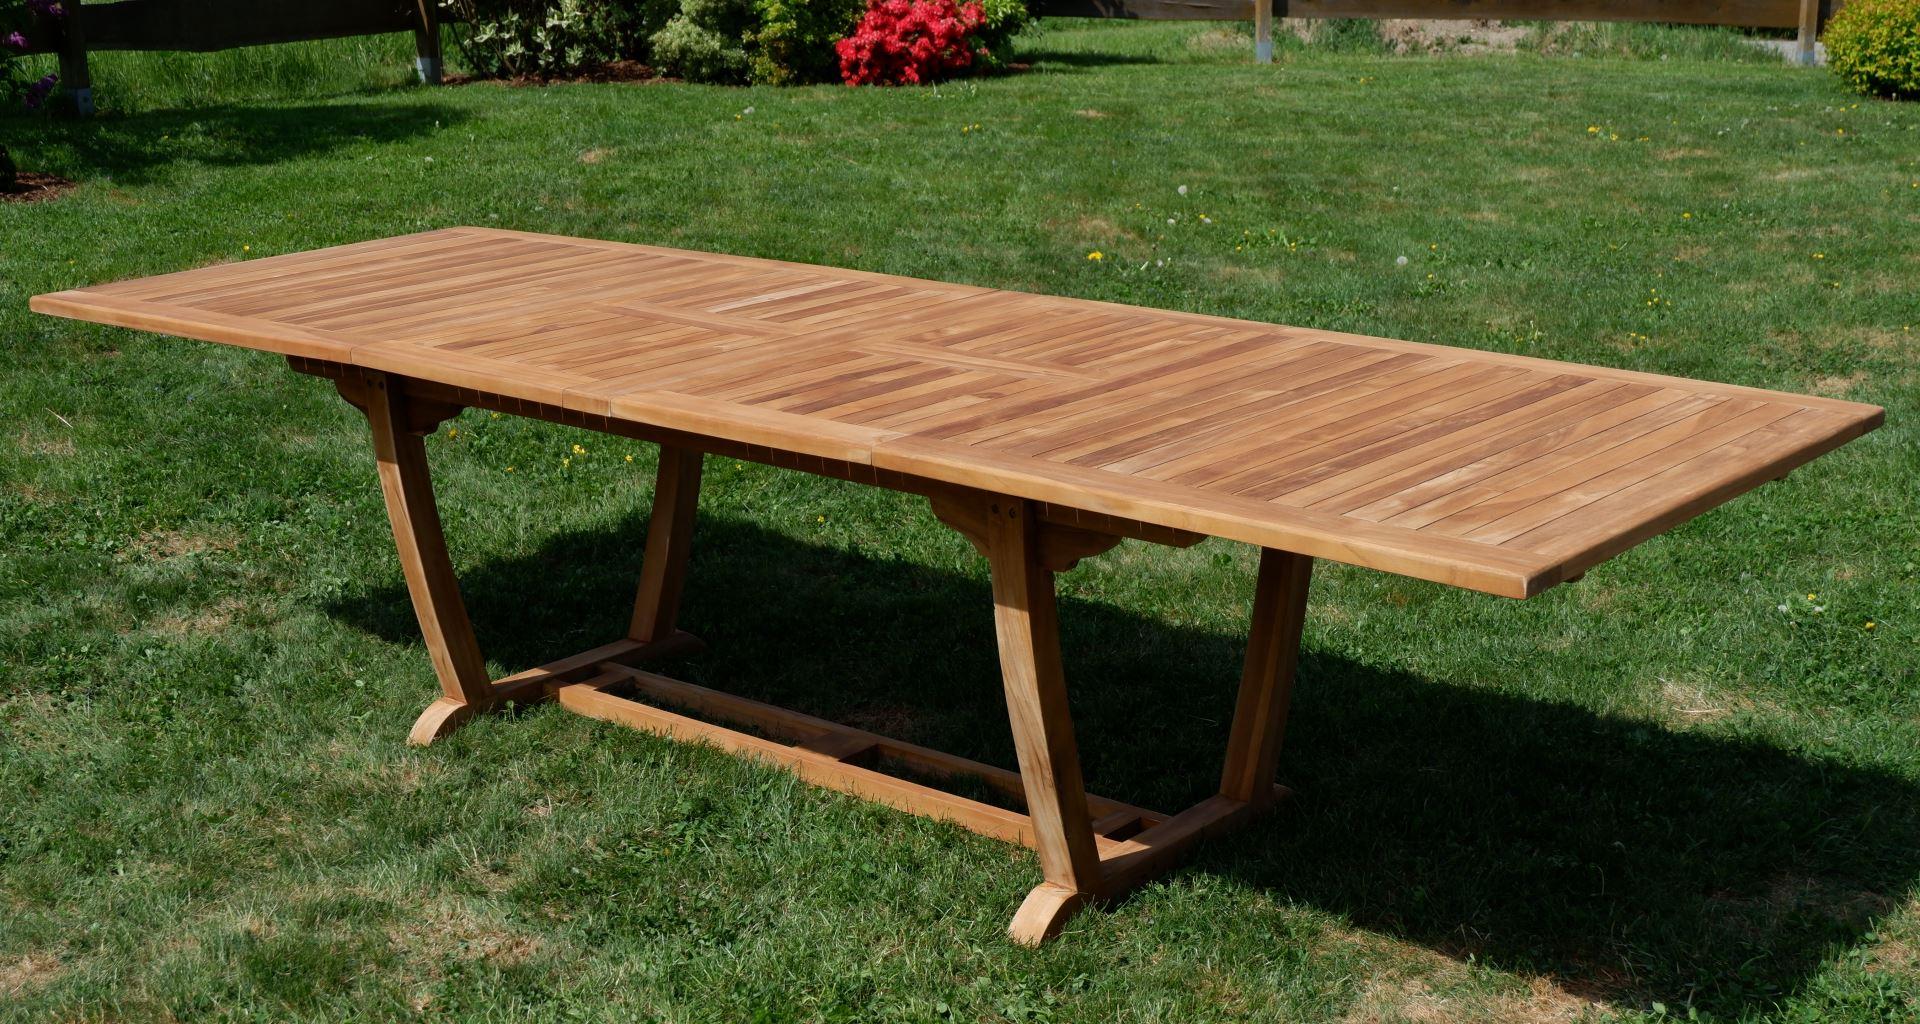 ECHT TEAK XXL Ausziehtisch Holztisch Gartentisch Garten Tisch 200 250 300cm 2fach ausziehbar, Breite 100cm Gartenmöbel Holz sehr robust